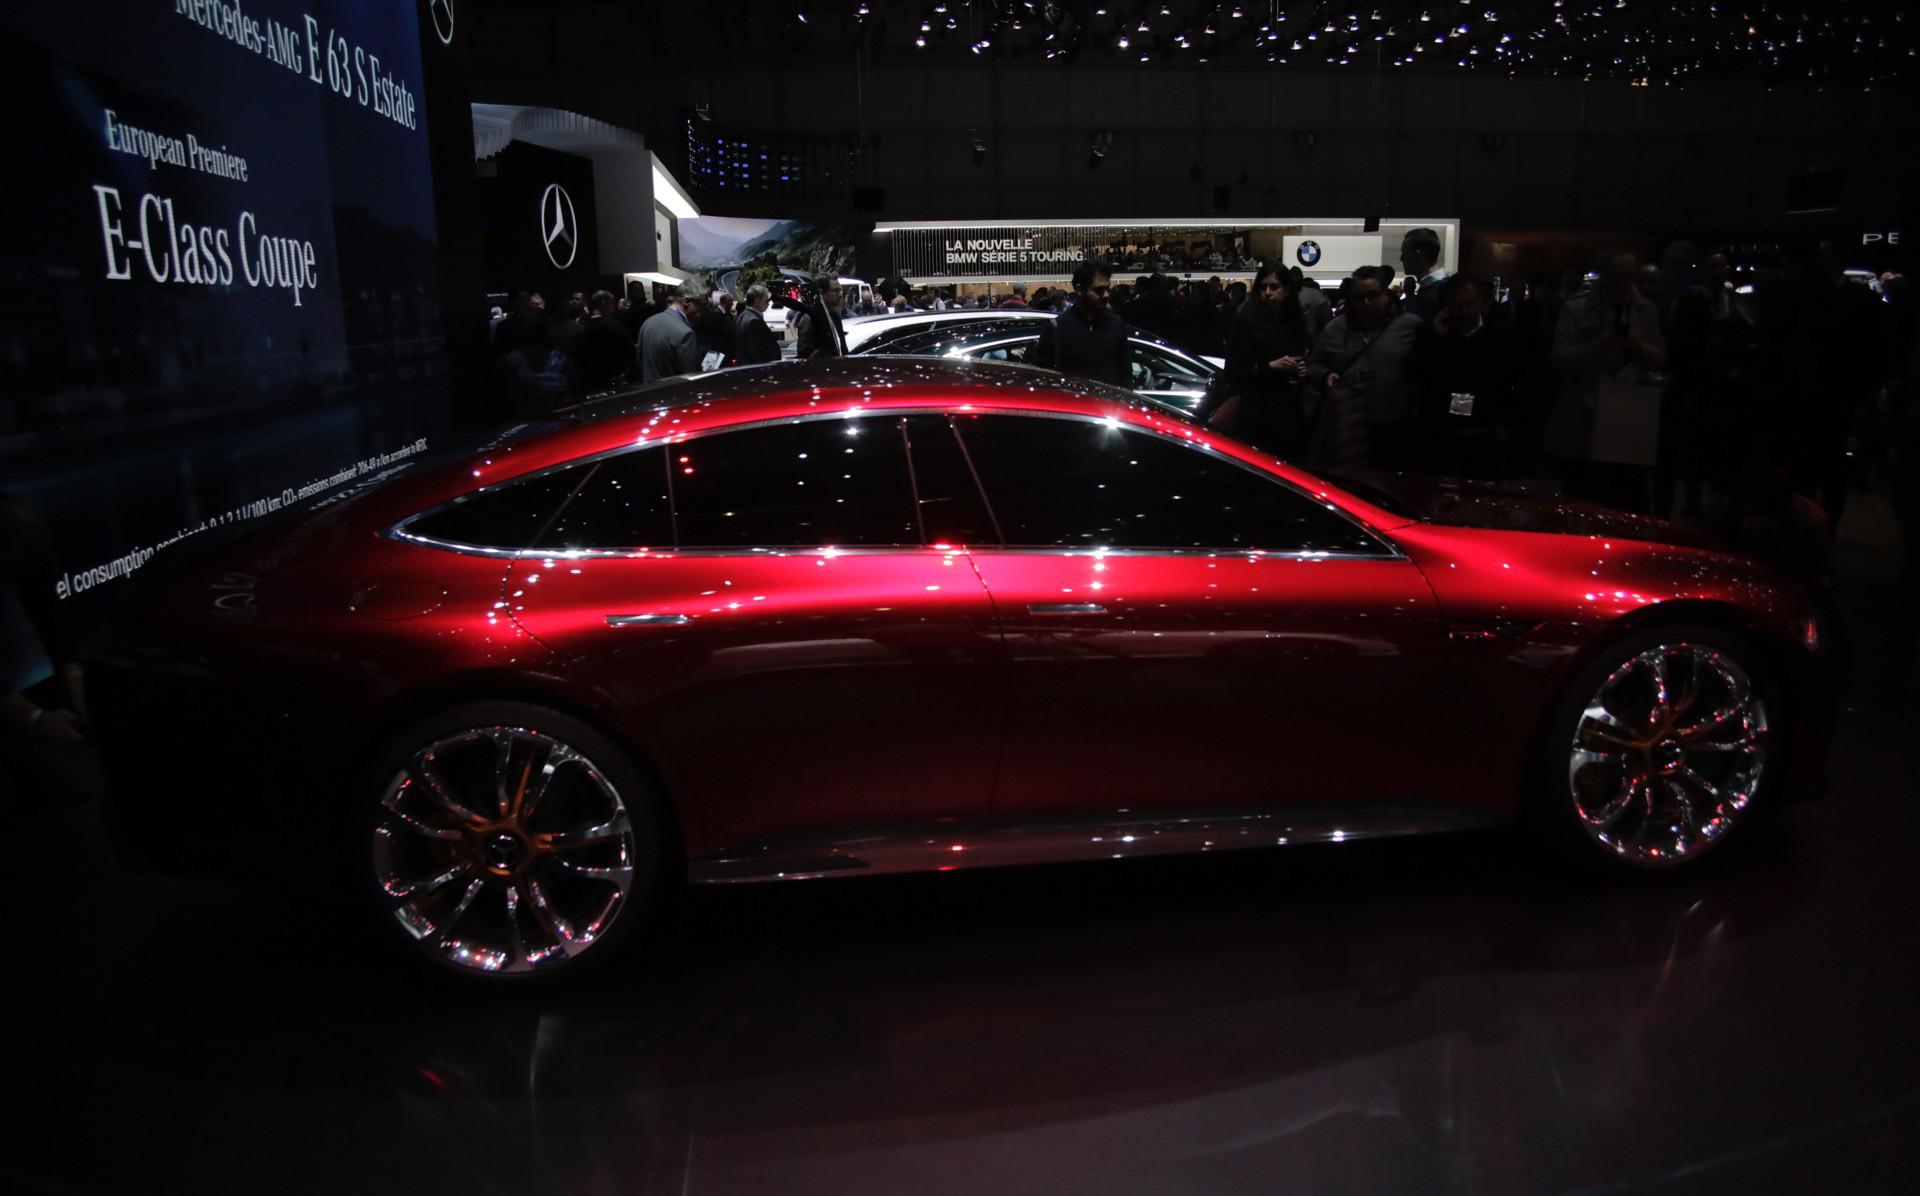 Когда этот GT выйдет на рынок, его конкурентами станут Audi RS7 следующего поколения и предстоящий BMW 8-серии Gran Coupe.